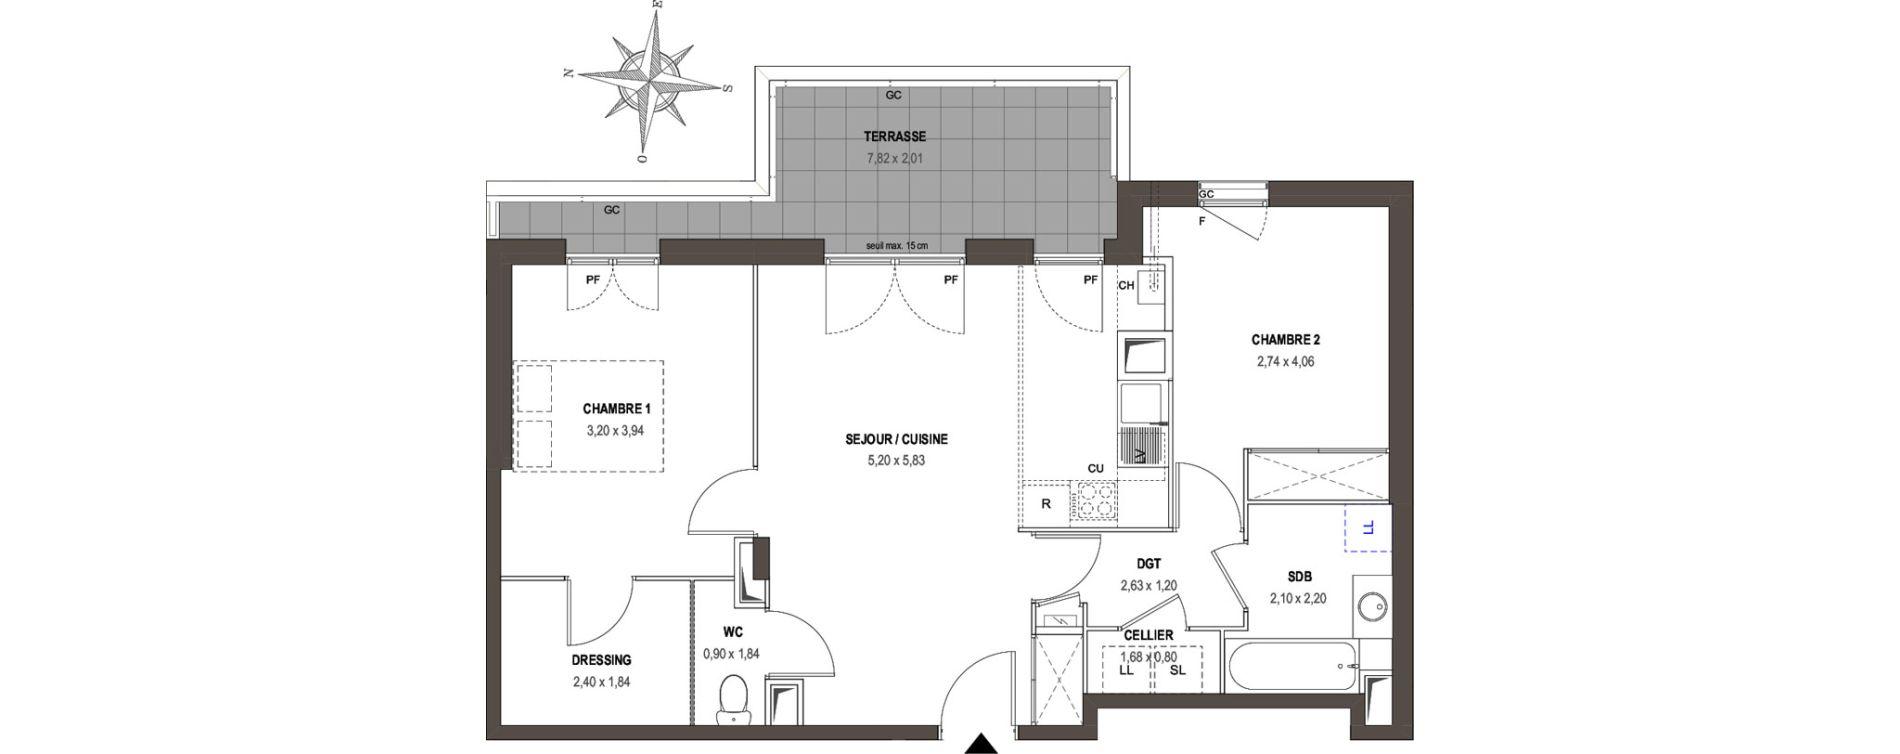 Appartement T3 de 63,30 m2 à Villeurbanne Gratte-ciel - dedieu - charmettes